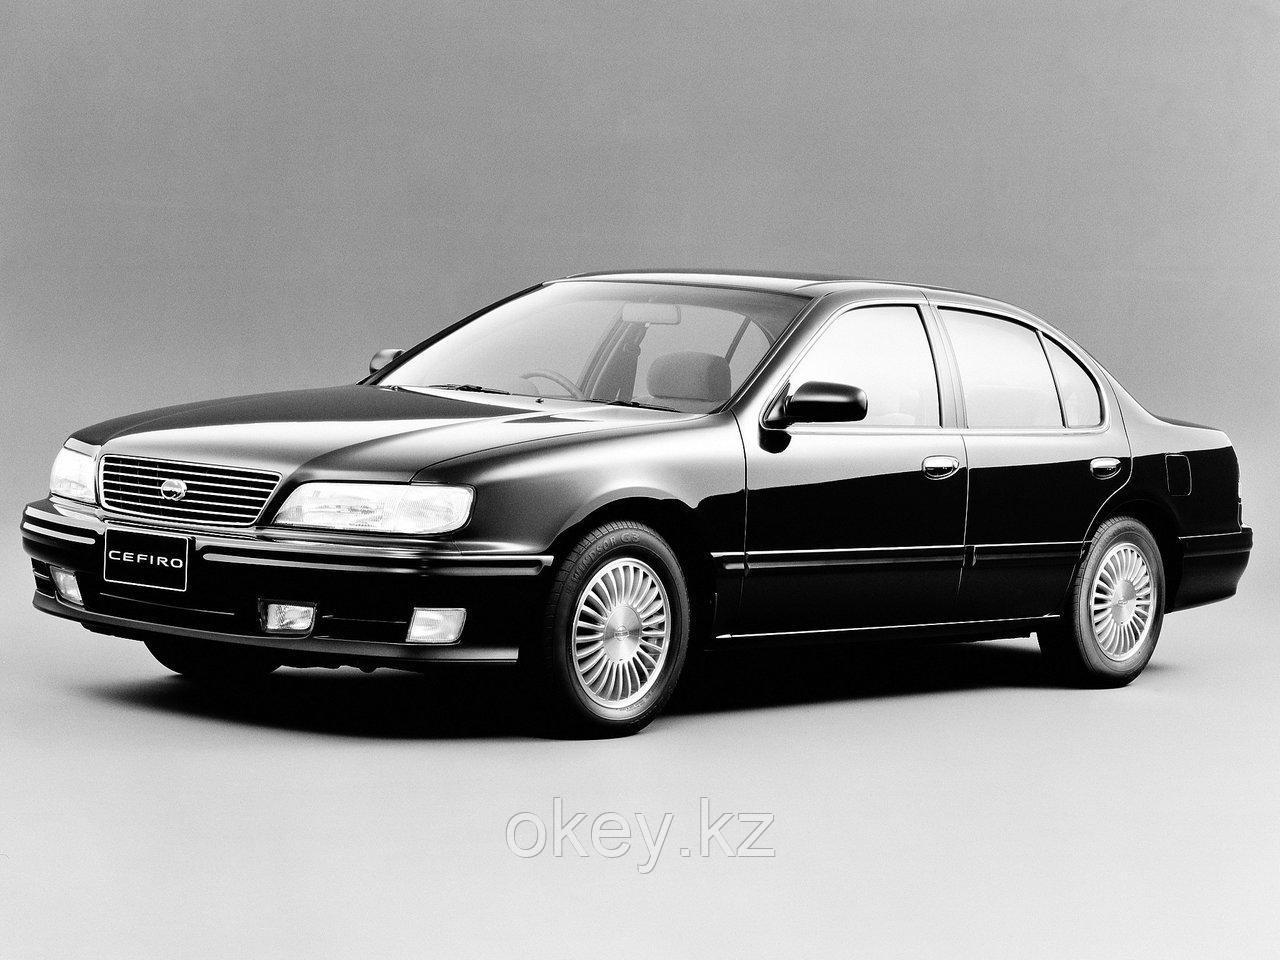 Тормозные колодки Kötl 1003KT для Nissan Cefiro II седан 2.0, 1994-1999 года выпуска.